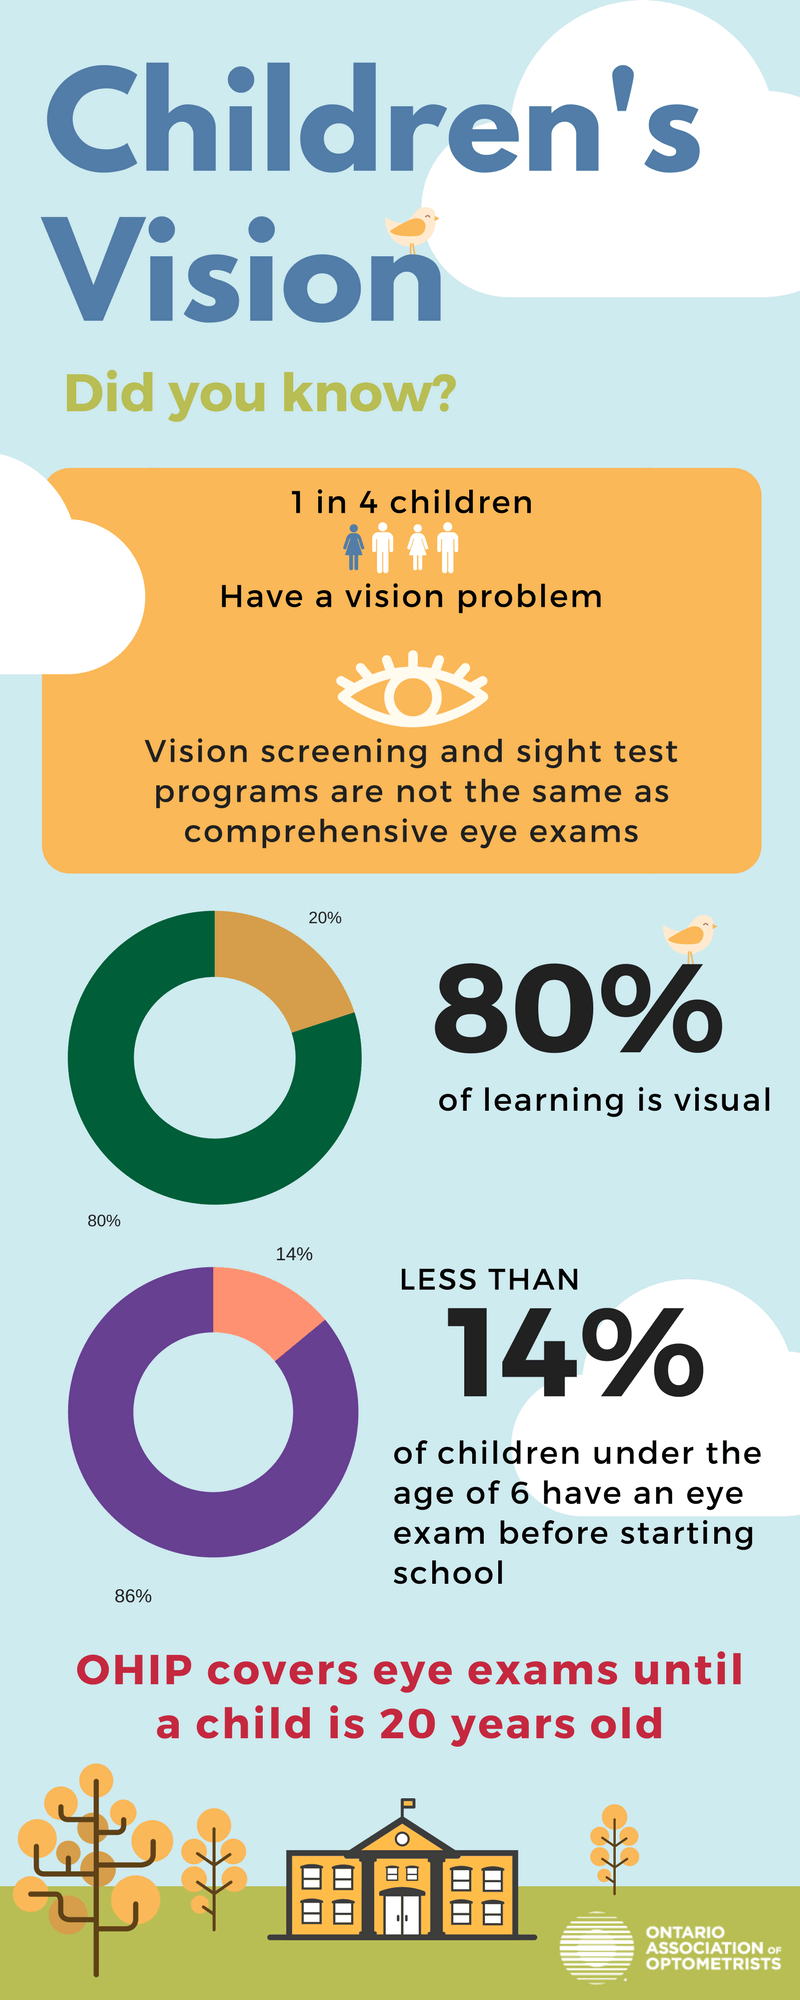 Chidlren's Eye Exams at Nan Jiang Optometry in Markham, Ontario